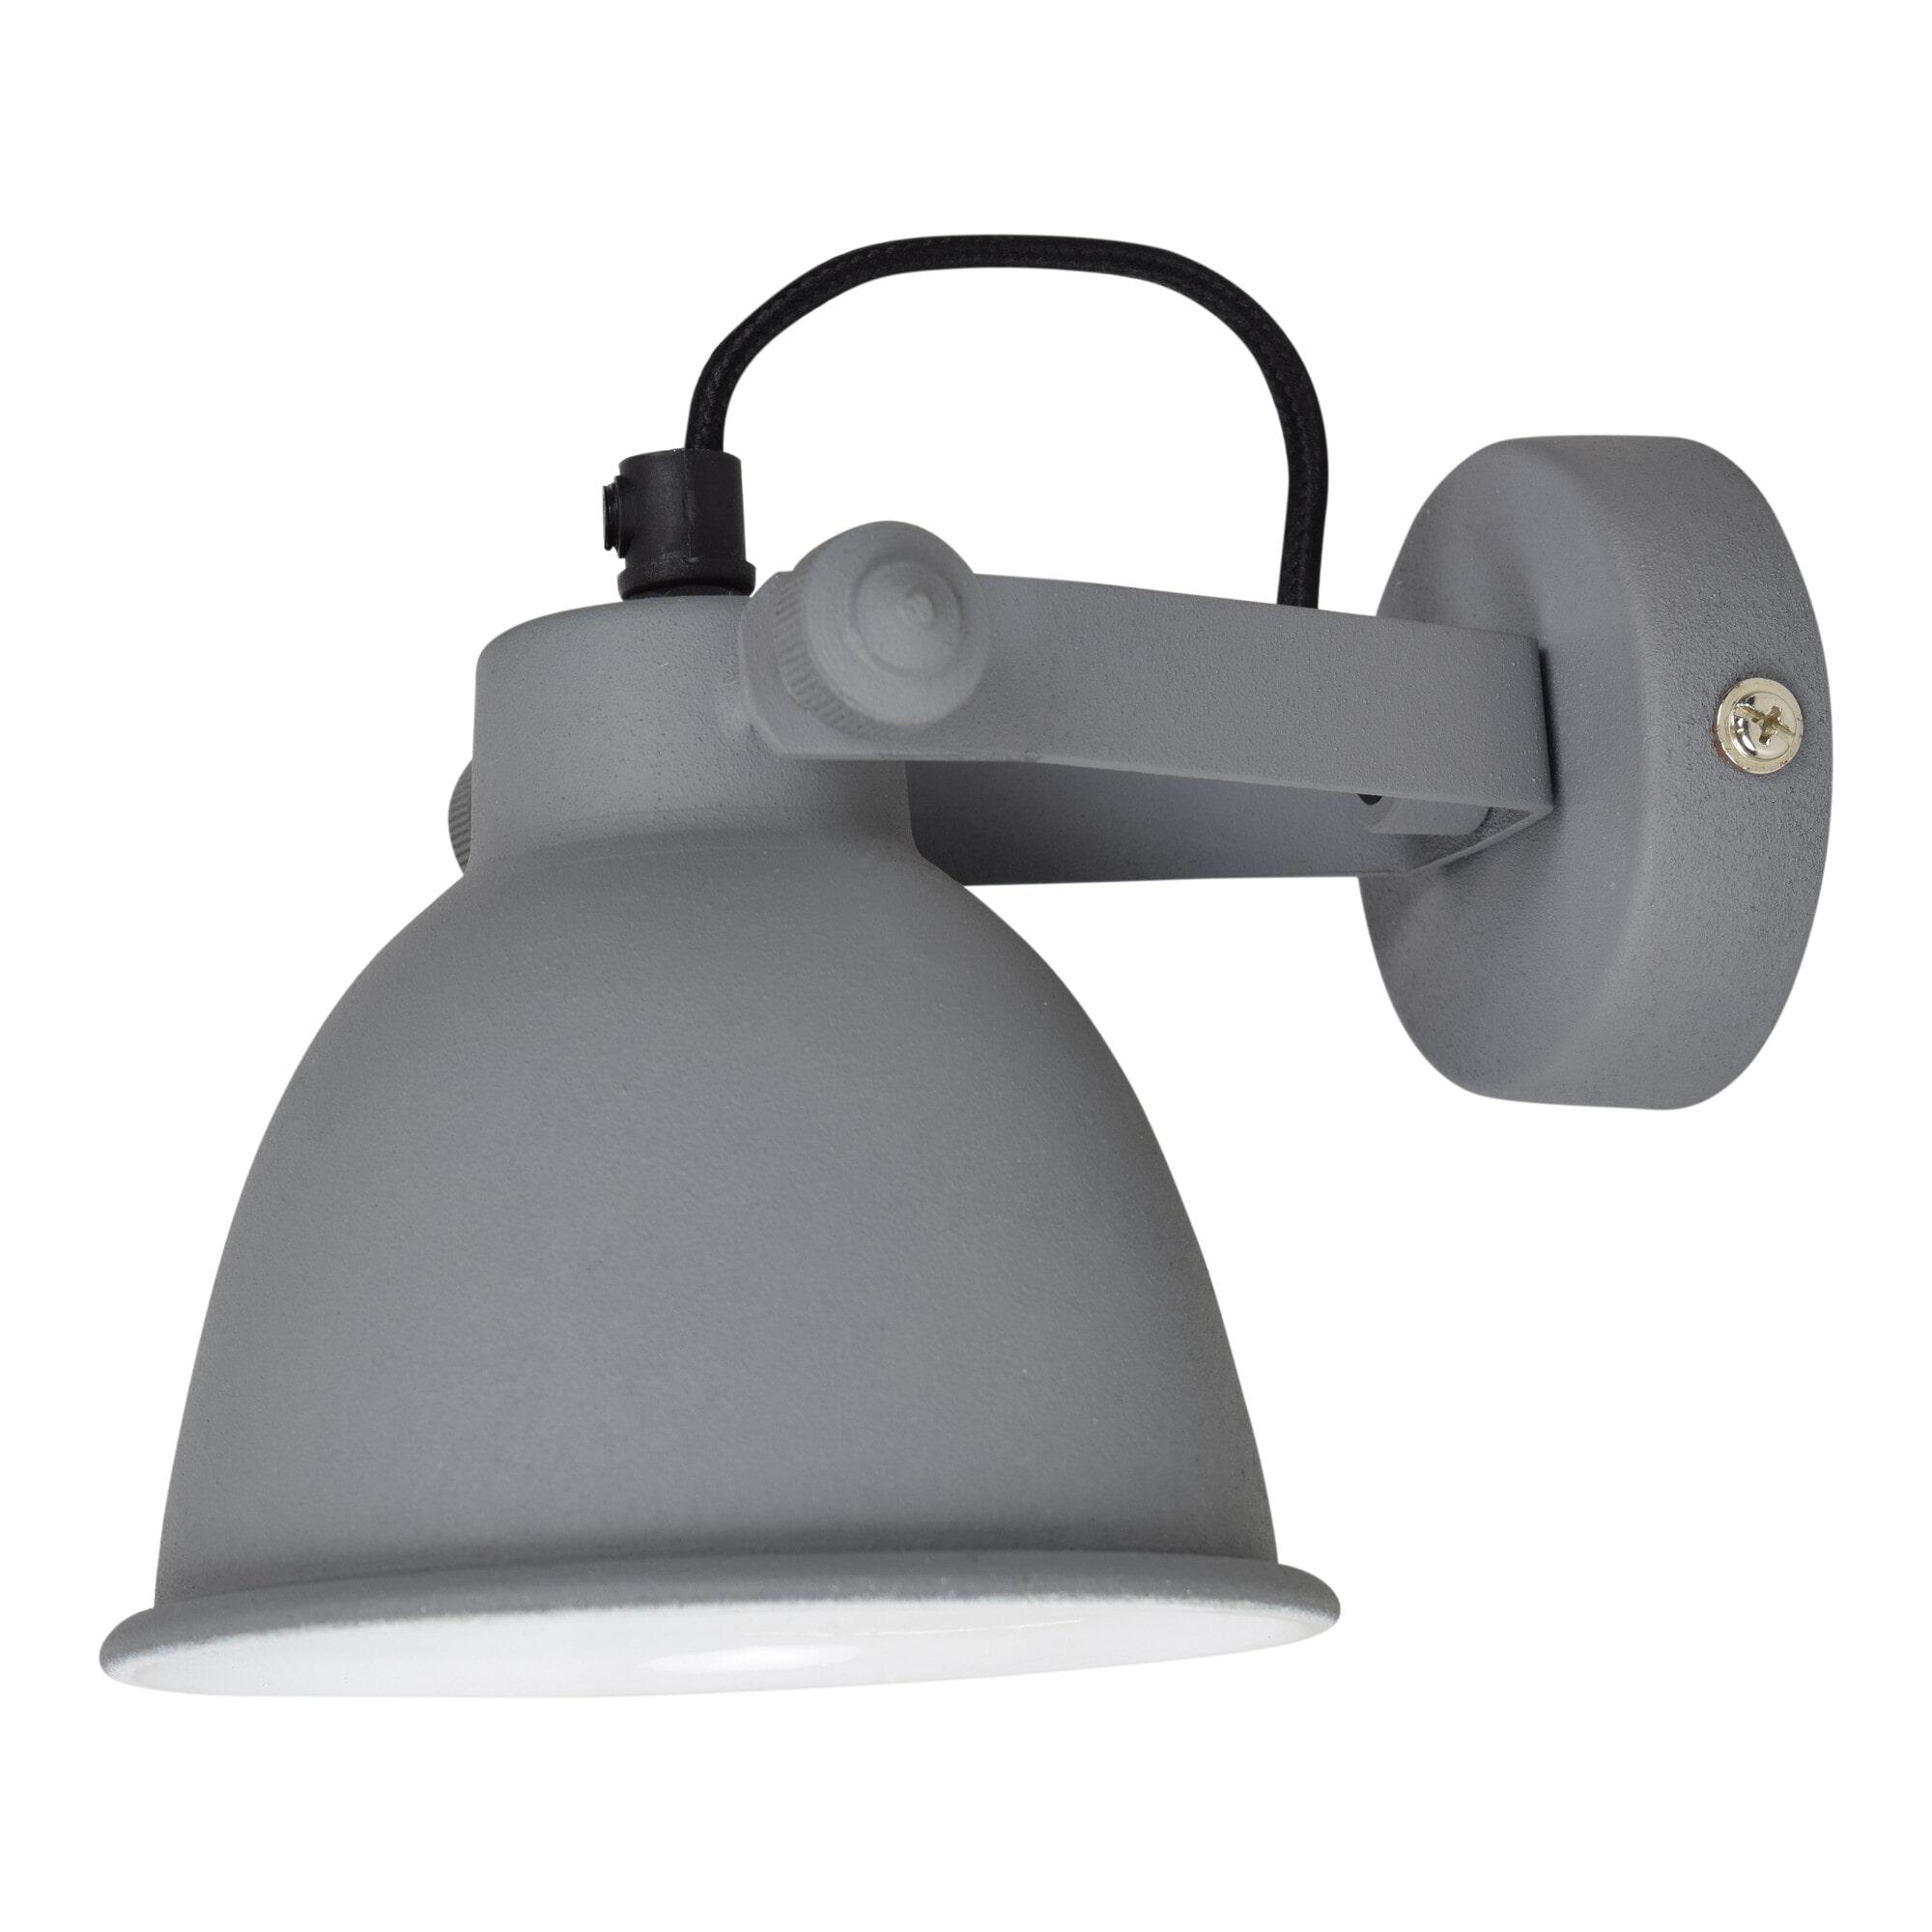 Urban Interiors Wandlamp 'Industrial, kleur grijs Verlichting   Wandlampen vergelijken doe je het voordeligst hier bij Meubelpartner